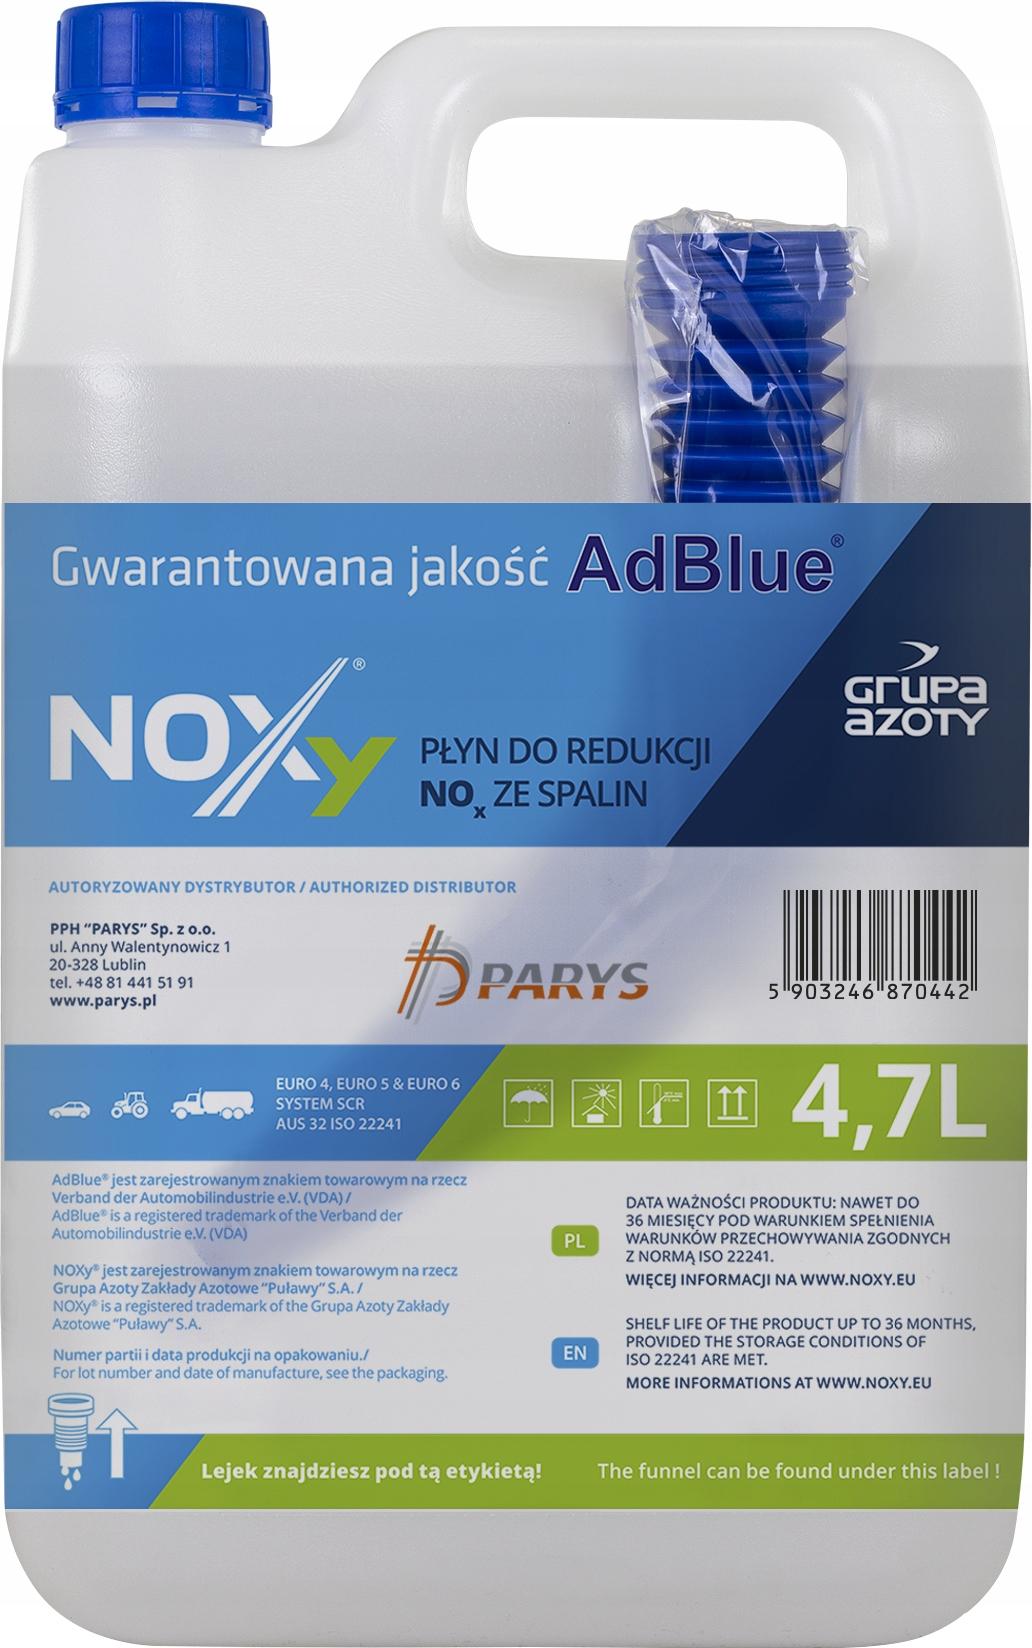 NOXy AD BLUE ADBLUE PŁYN KATALITYCZNY DPF - 4.7L